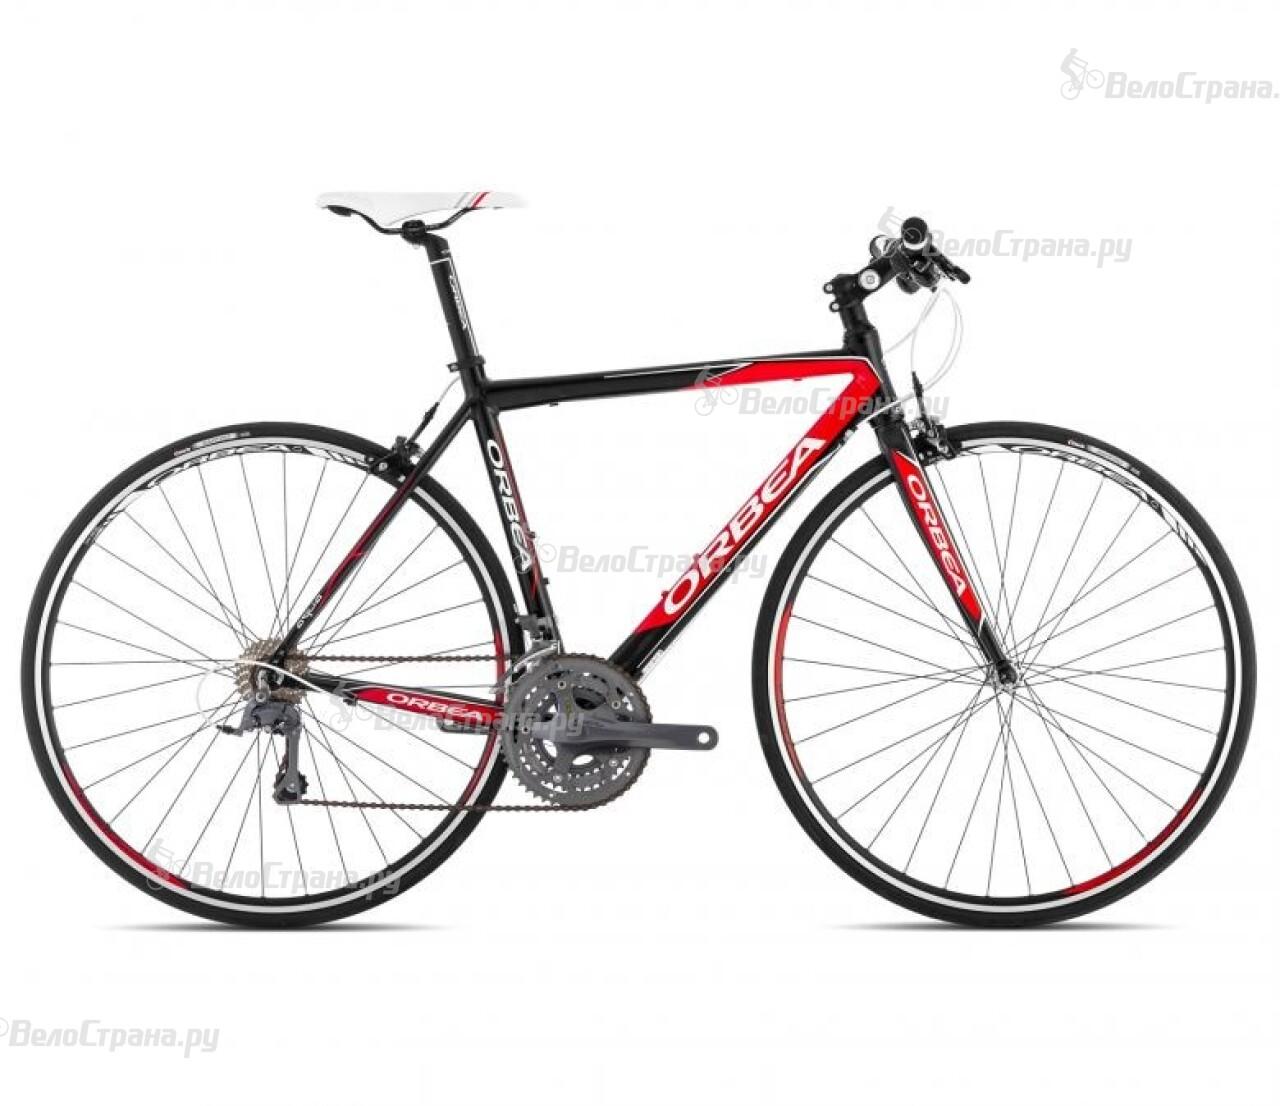 Велосипед Orbea Aqua 50 Flat (2014) велосипед orbea aqua t23 flat 2013